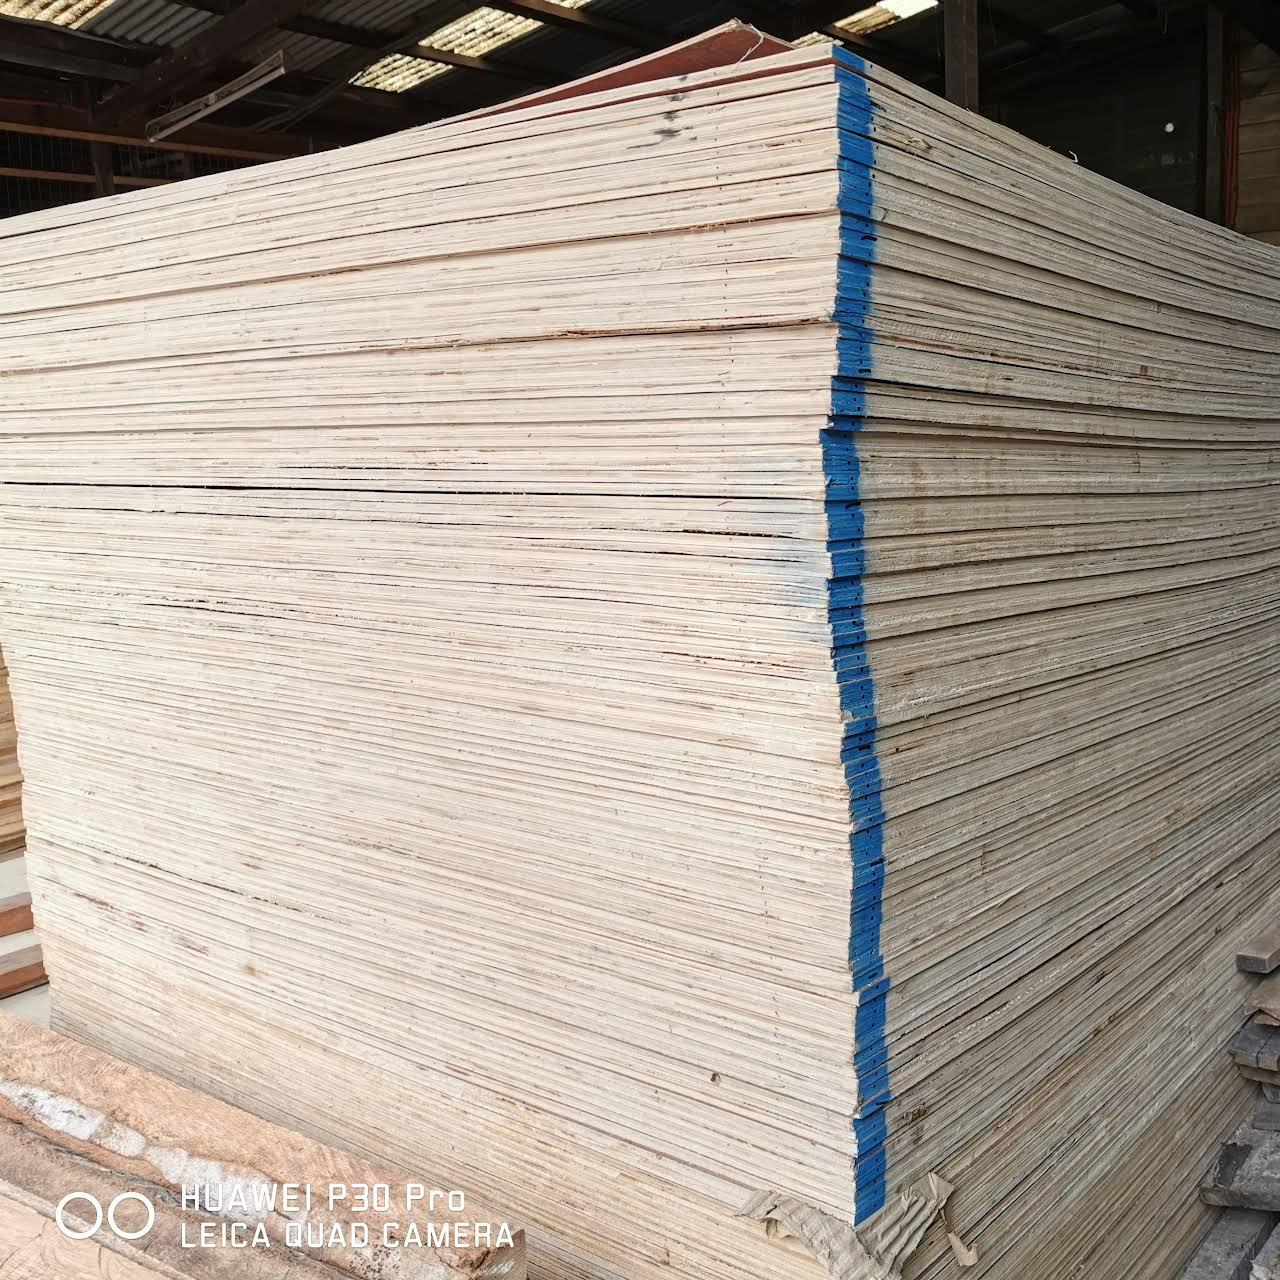 Gagalangin Lumber - Lumber Store in Tondo